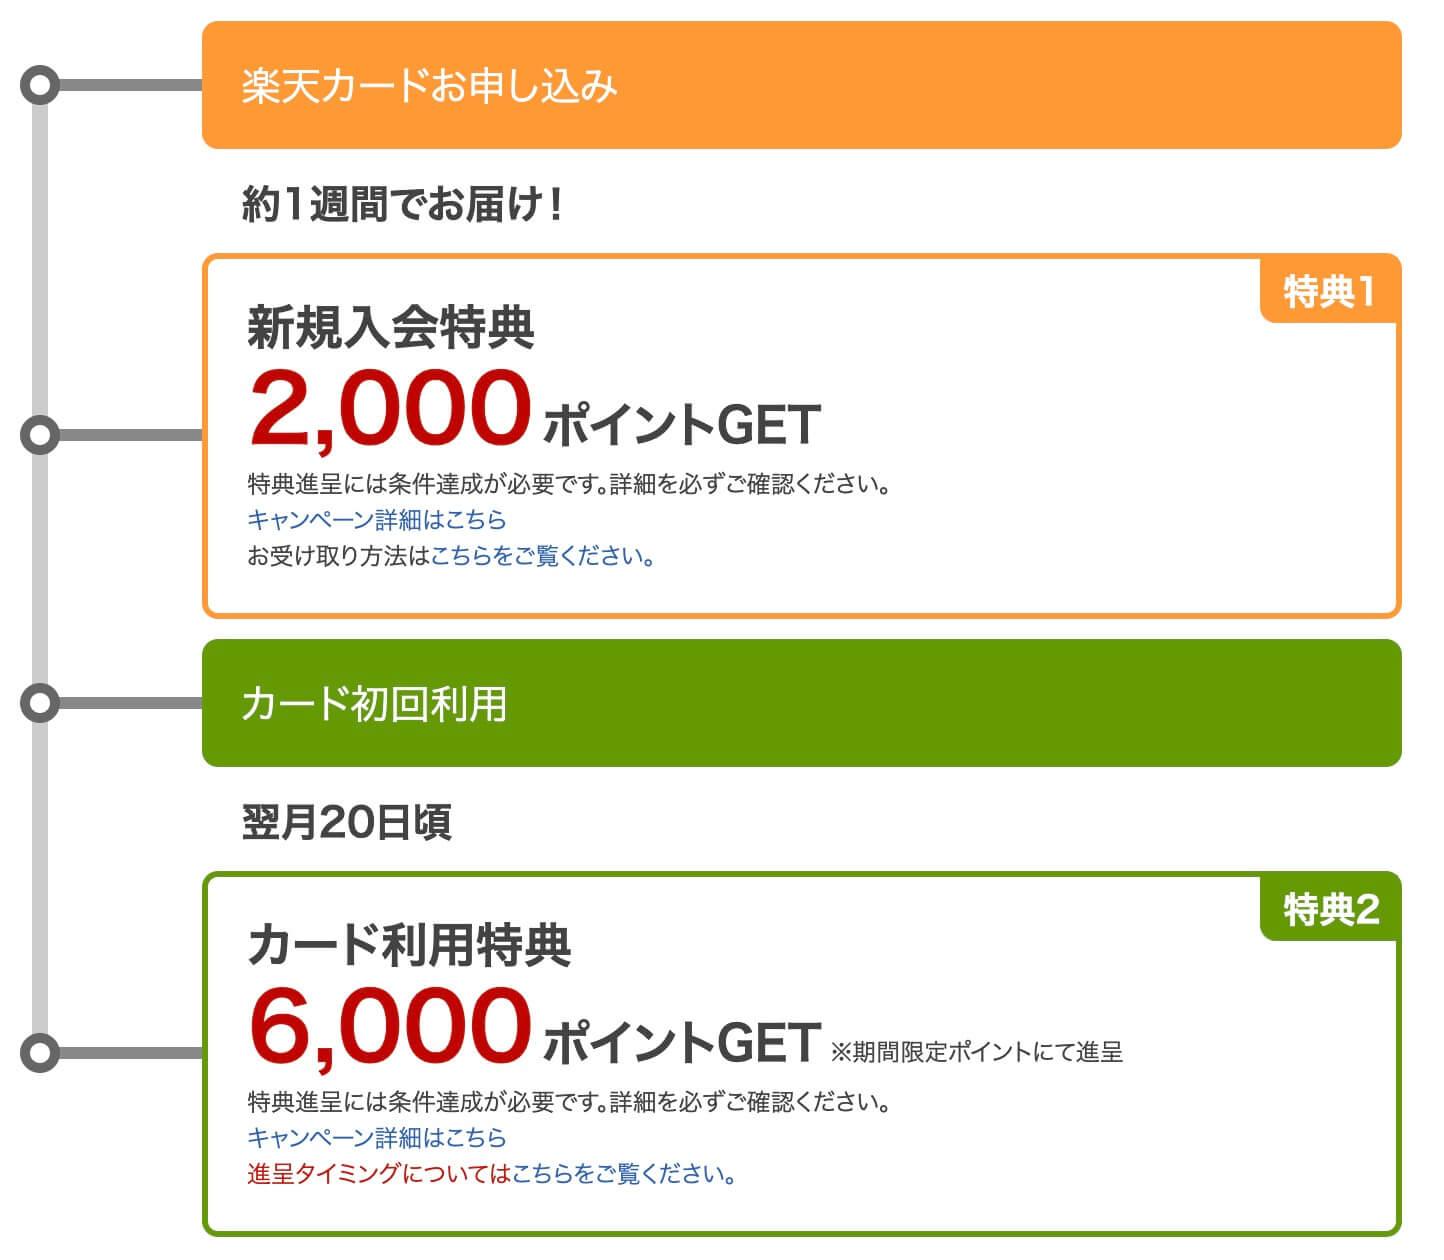 楽天カード新規入会キャンペーン8,000Pの受取方法